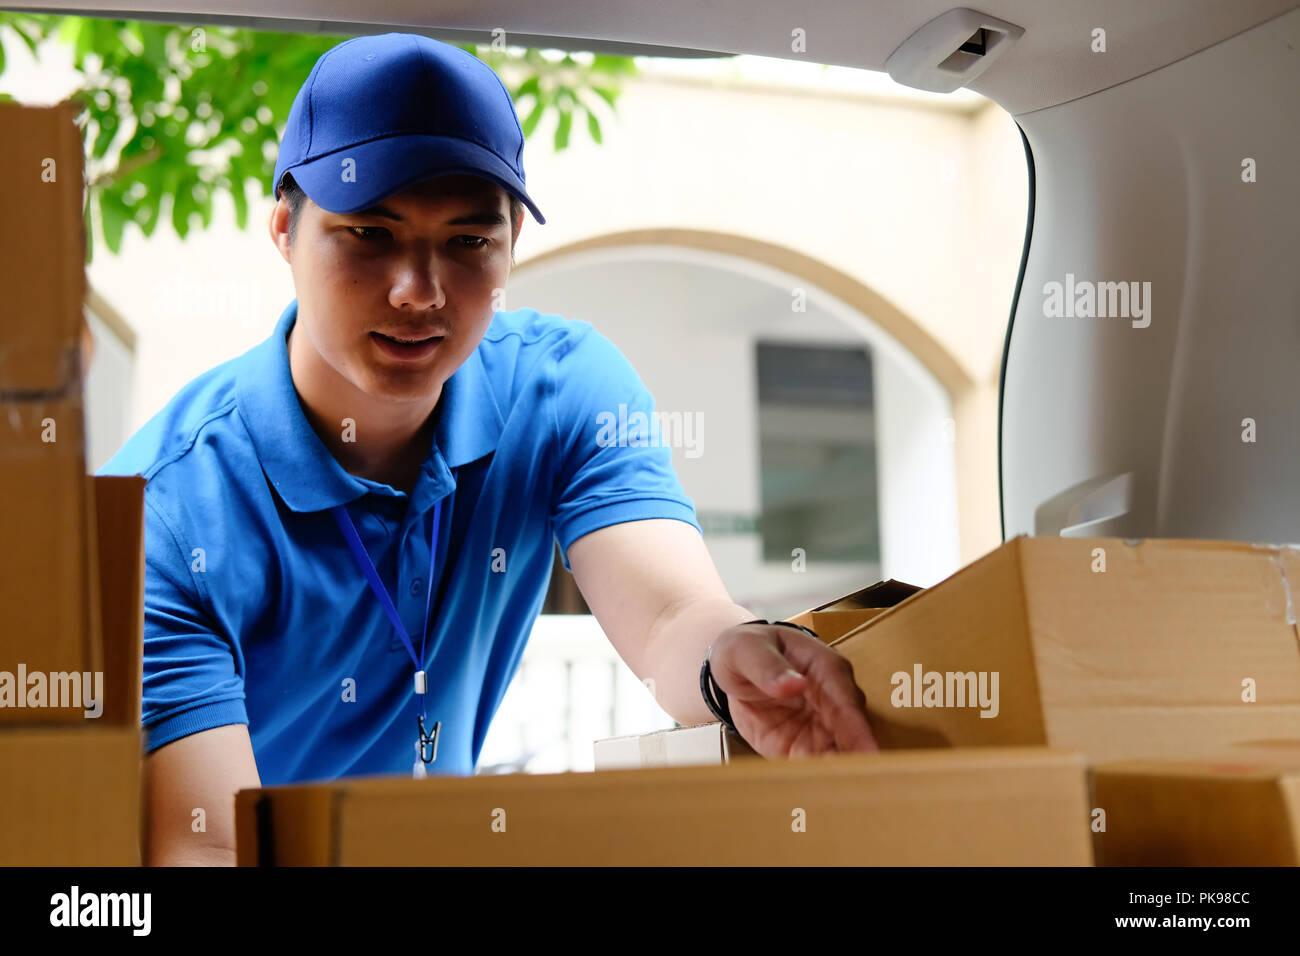 Delivery man travaillant avec fort en voiture, travail travail homme asiatique. Photo Stock